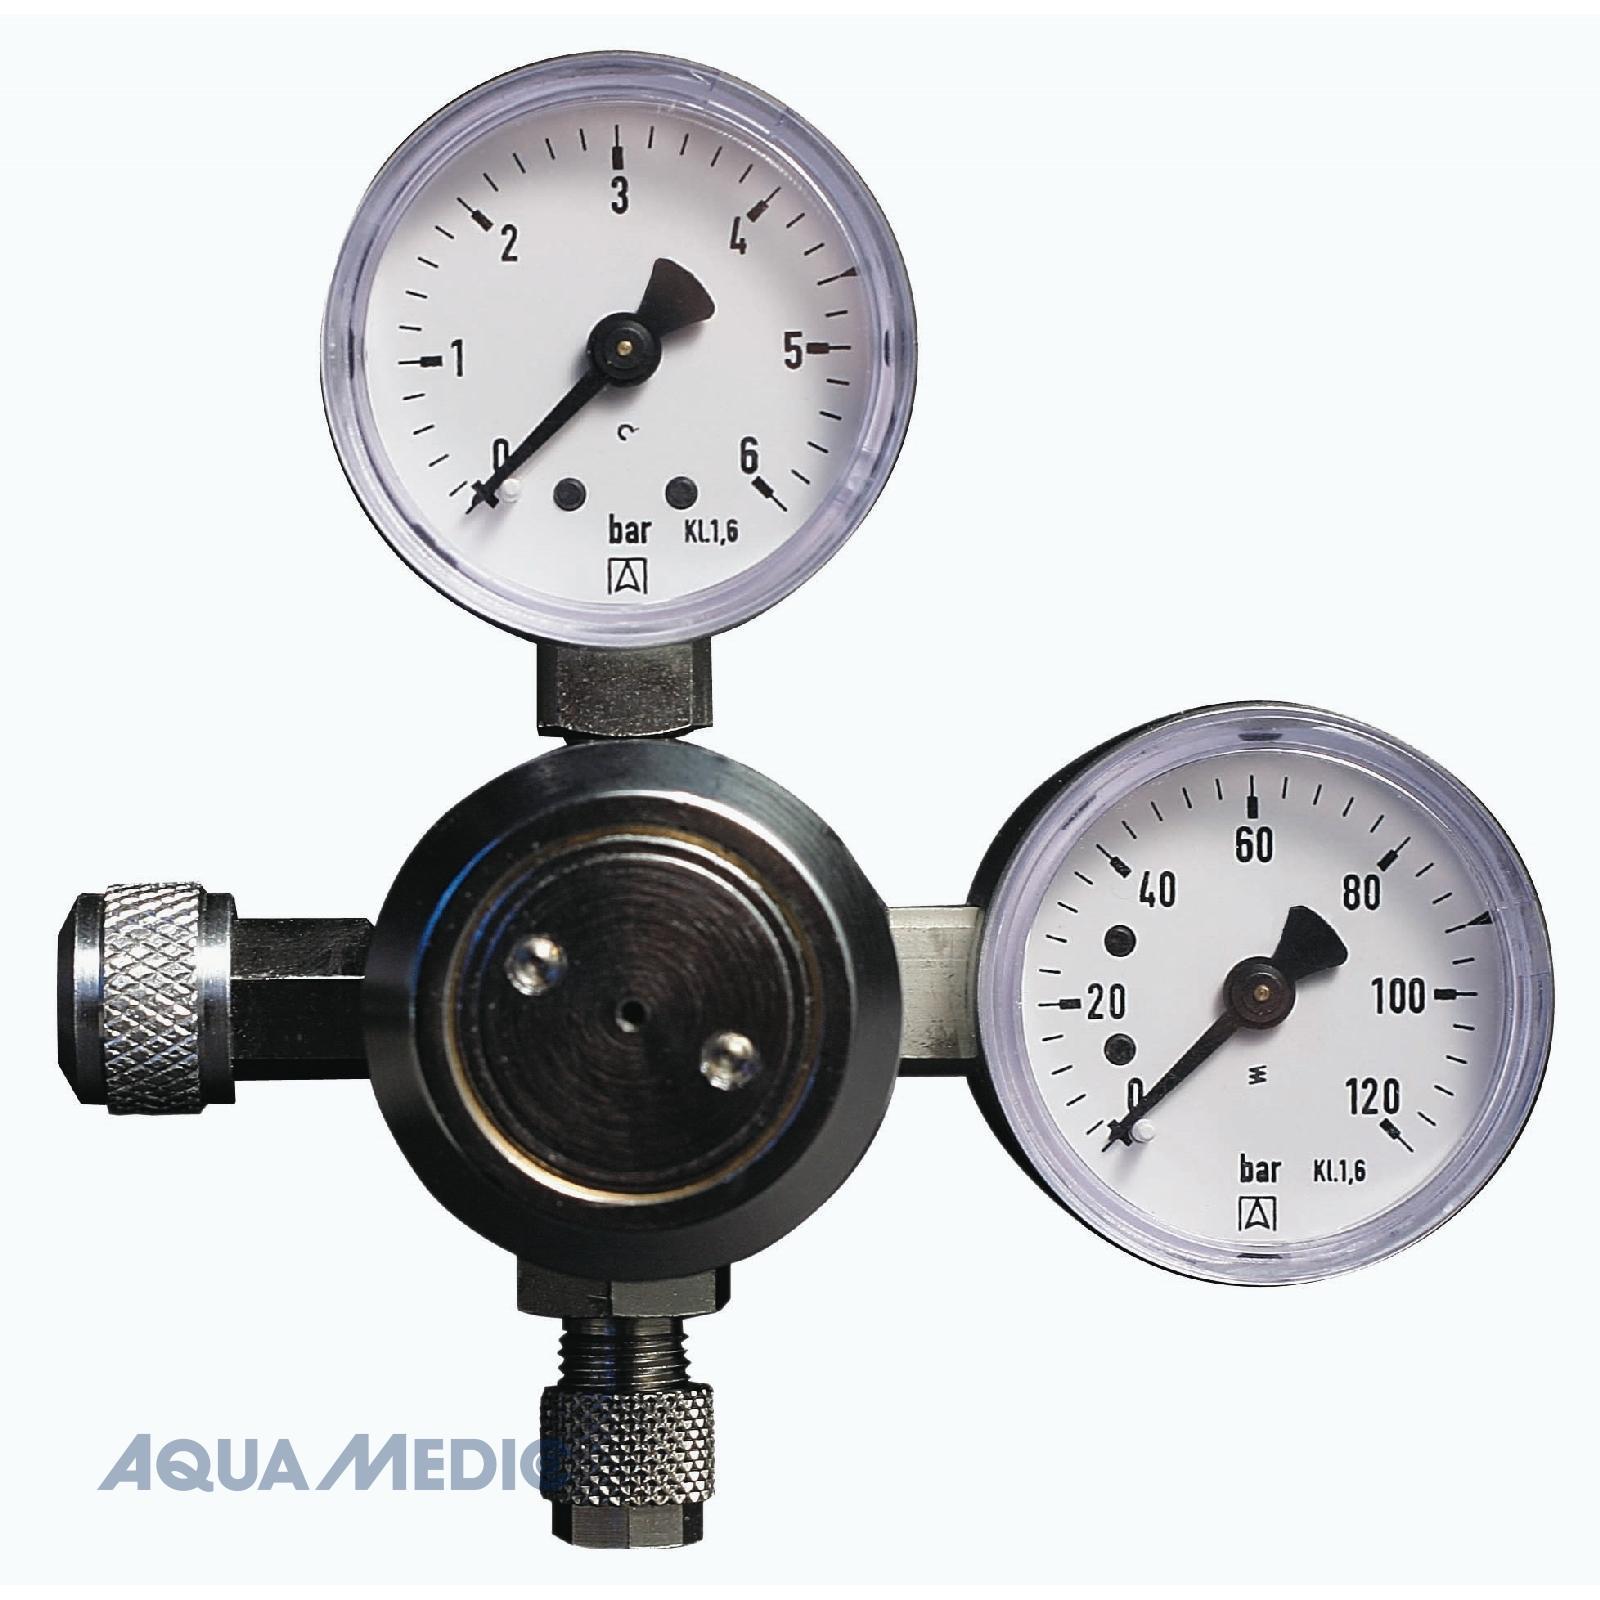 regular mit 2 Manometern - CO2-Armatur zur exakten Dosierung von CO2 in das Aquarium